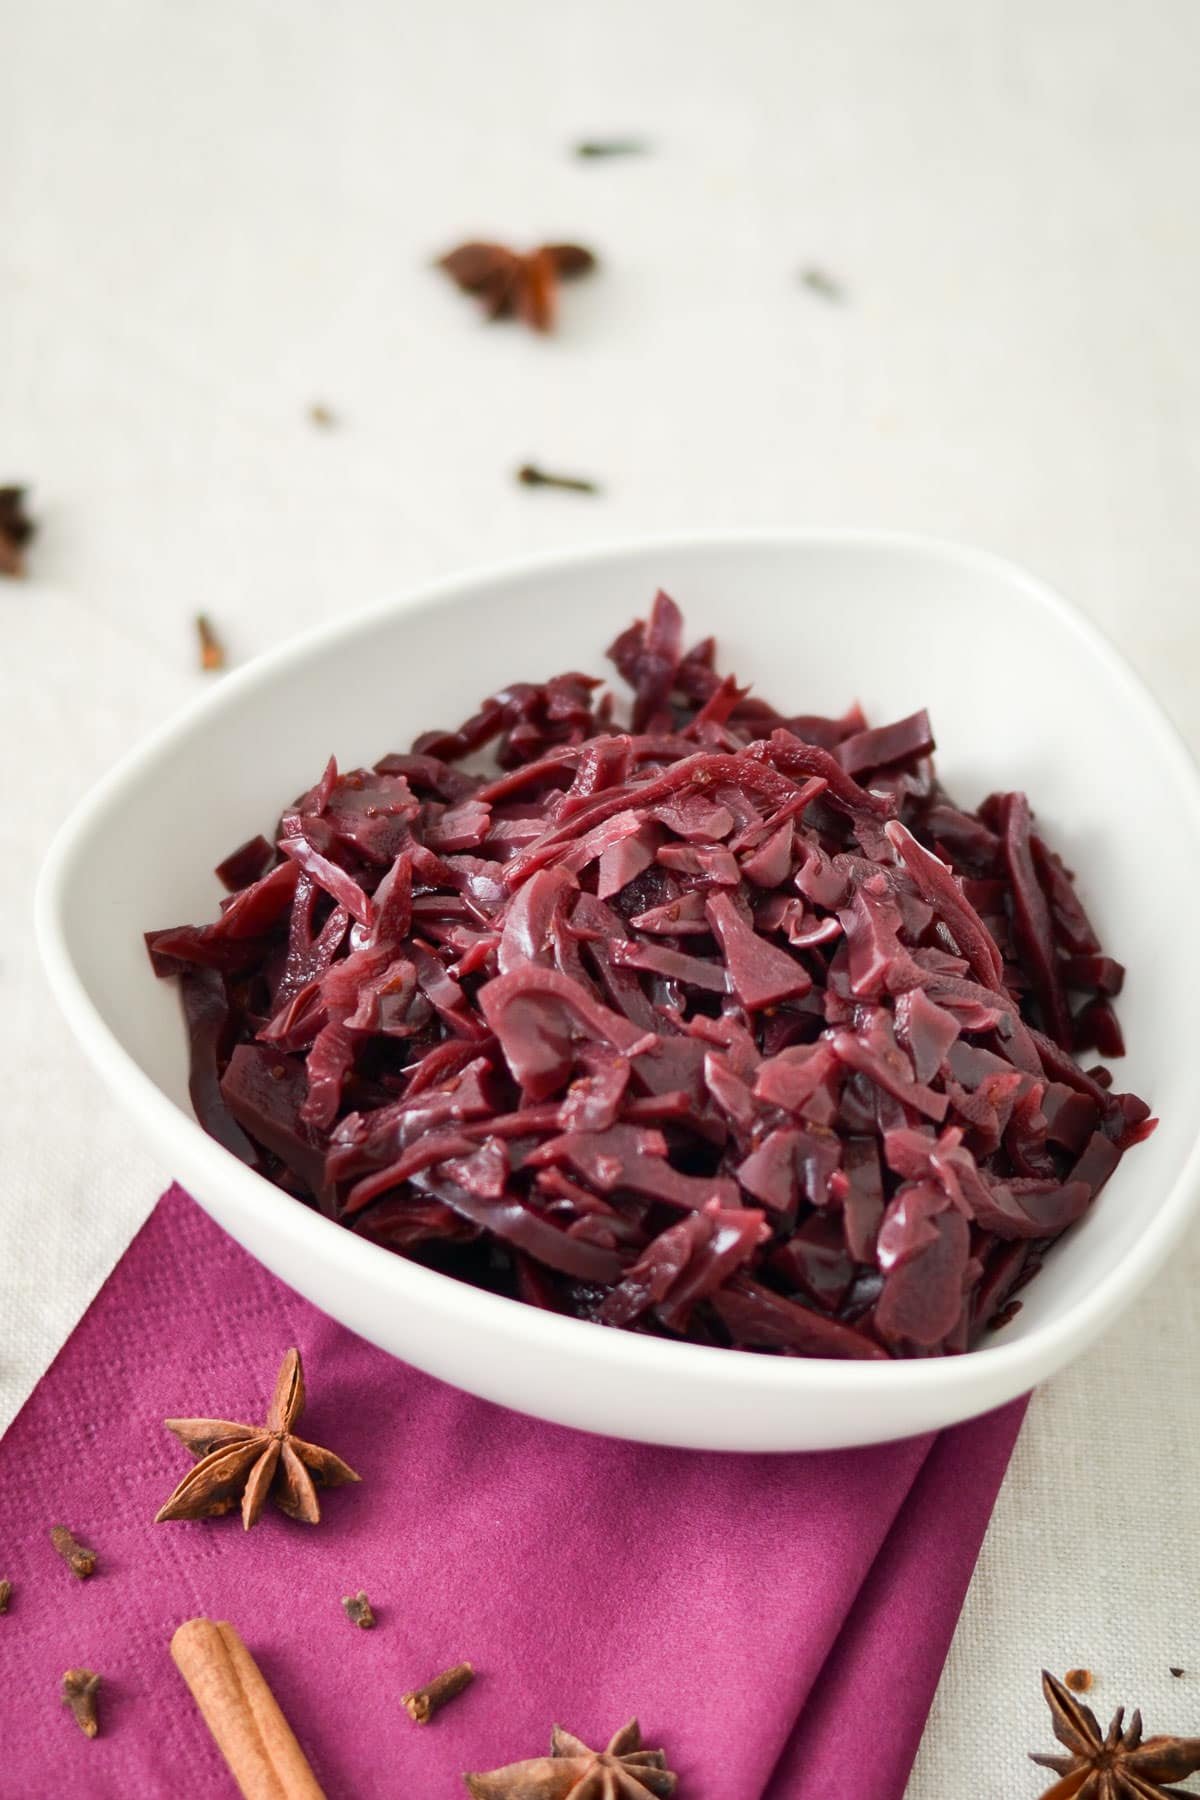 nem hjemmelavet rødkål opskrifter